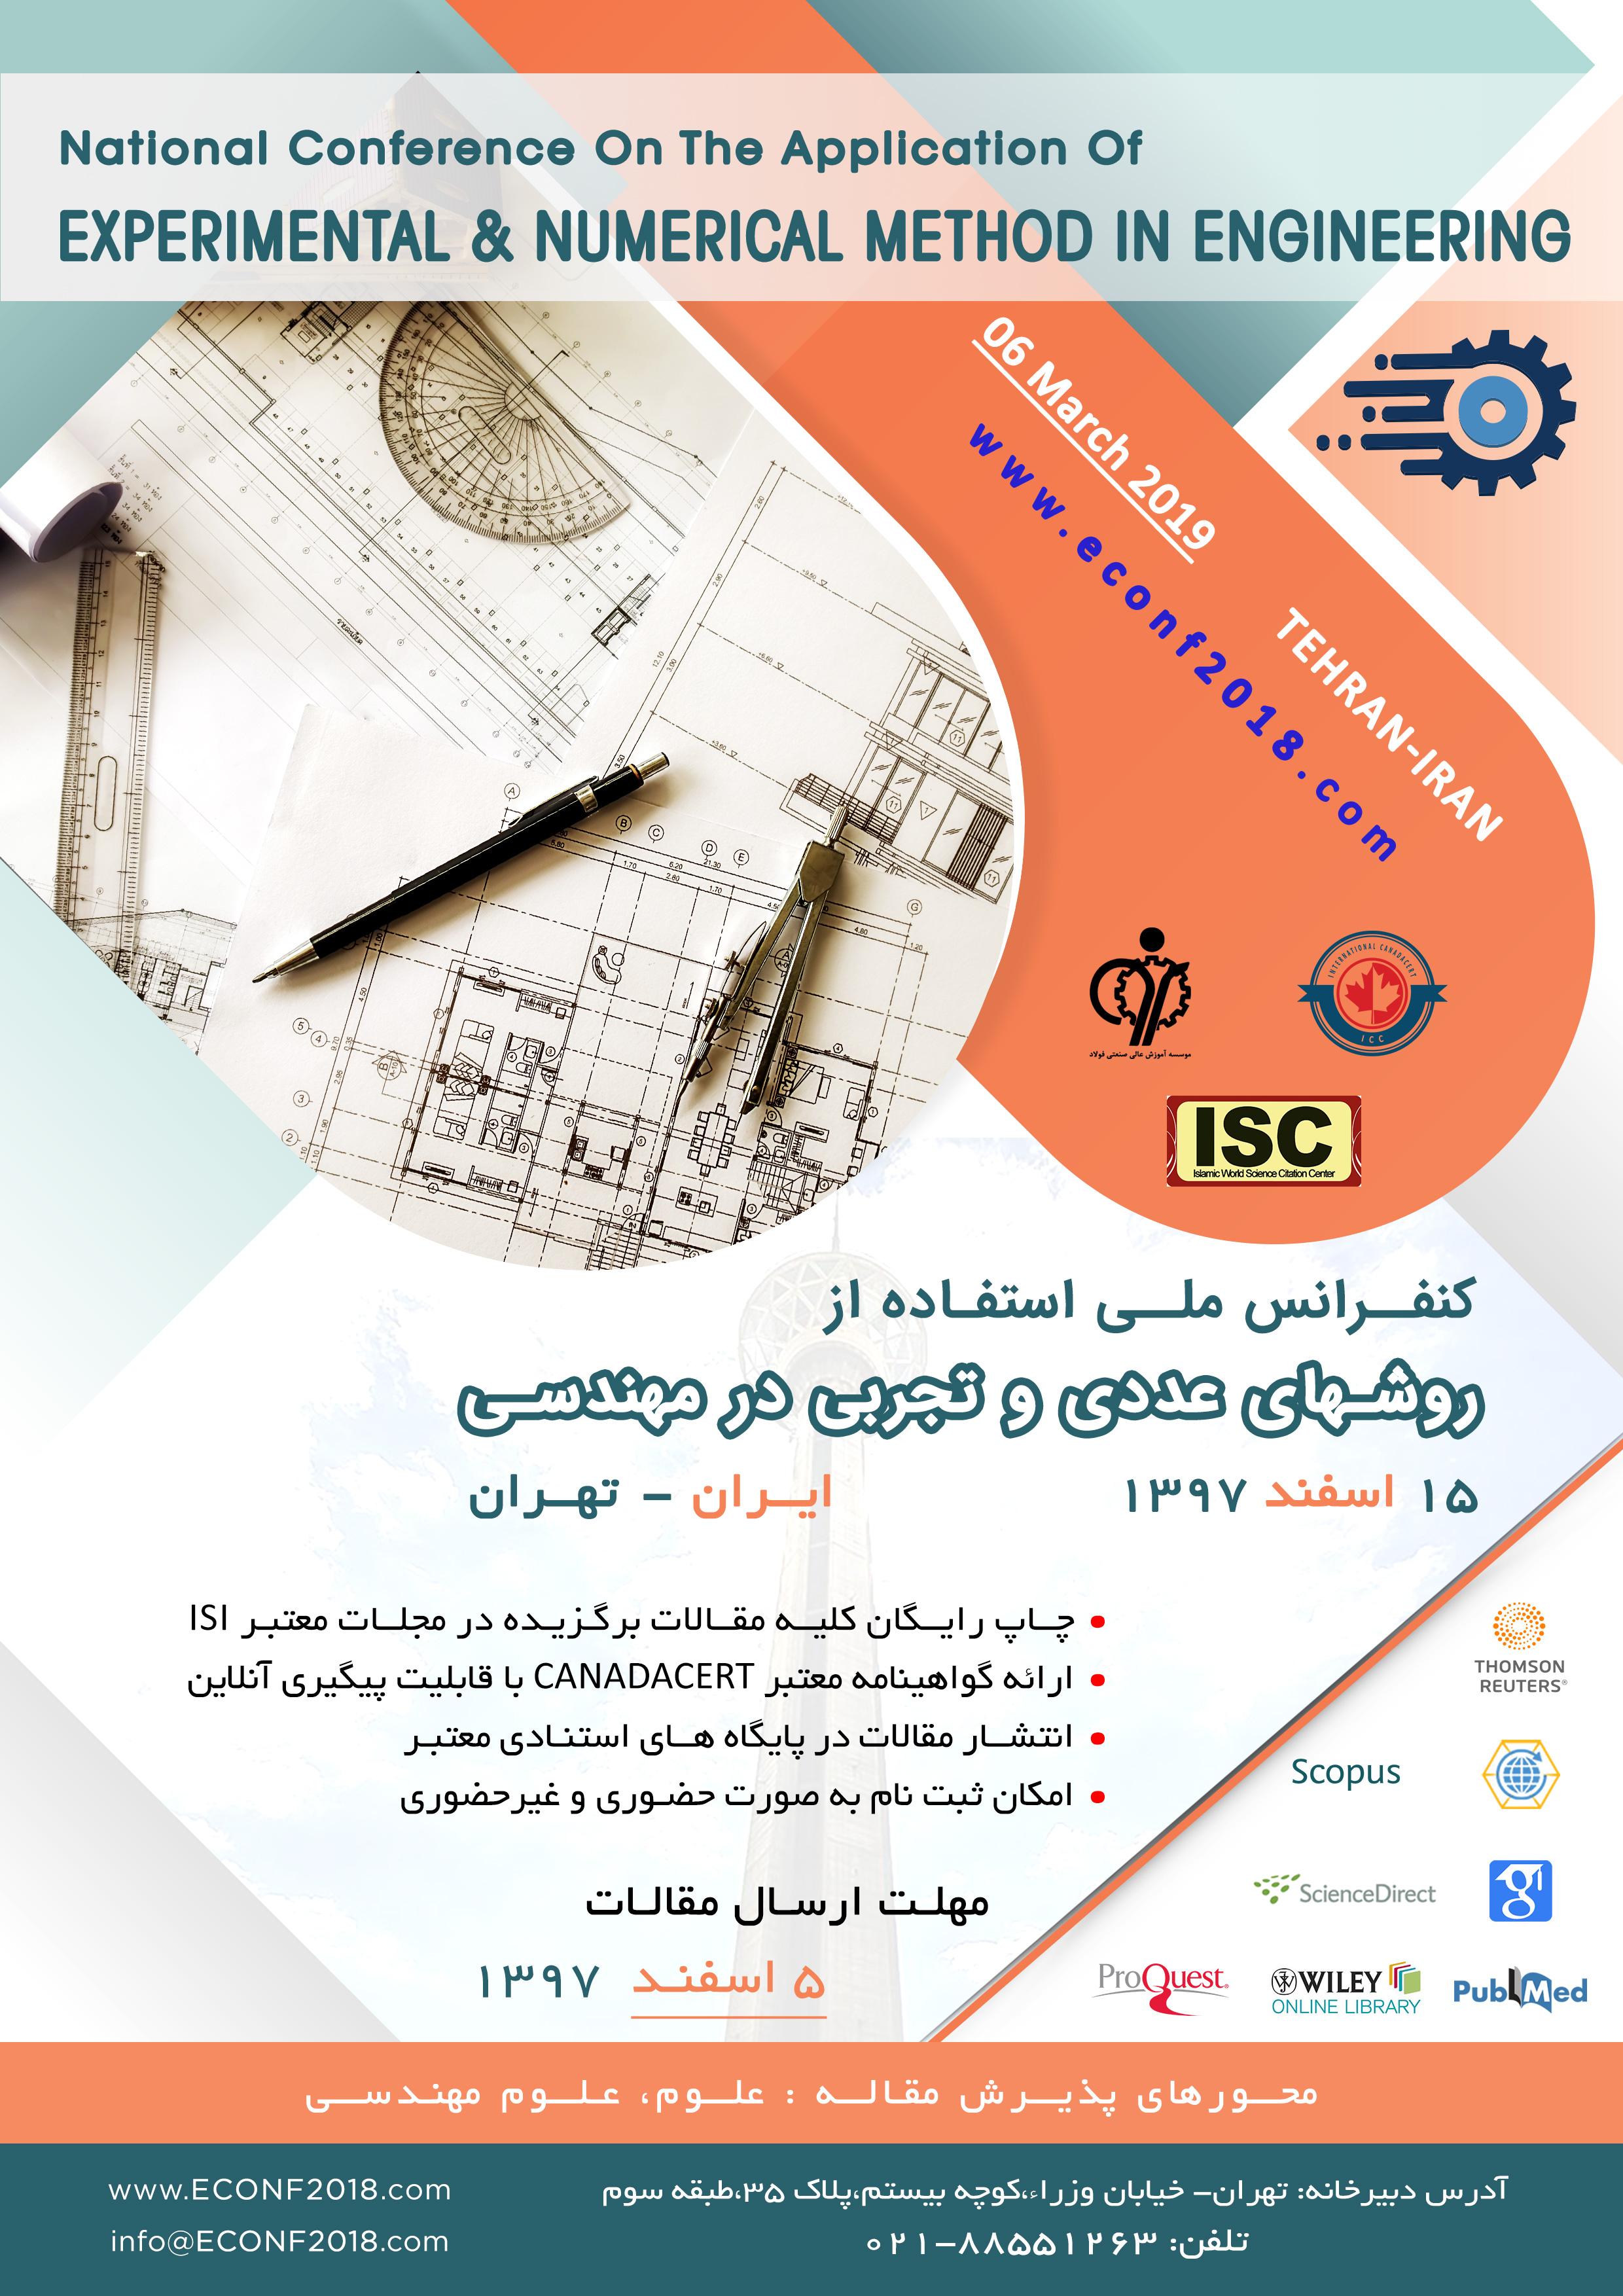 کنفرانس ملی استفاده از روشهای عددی و تجربی در مهندسی